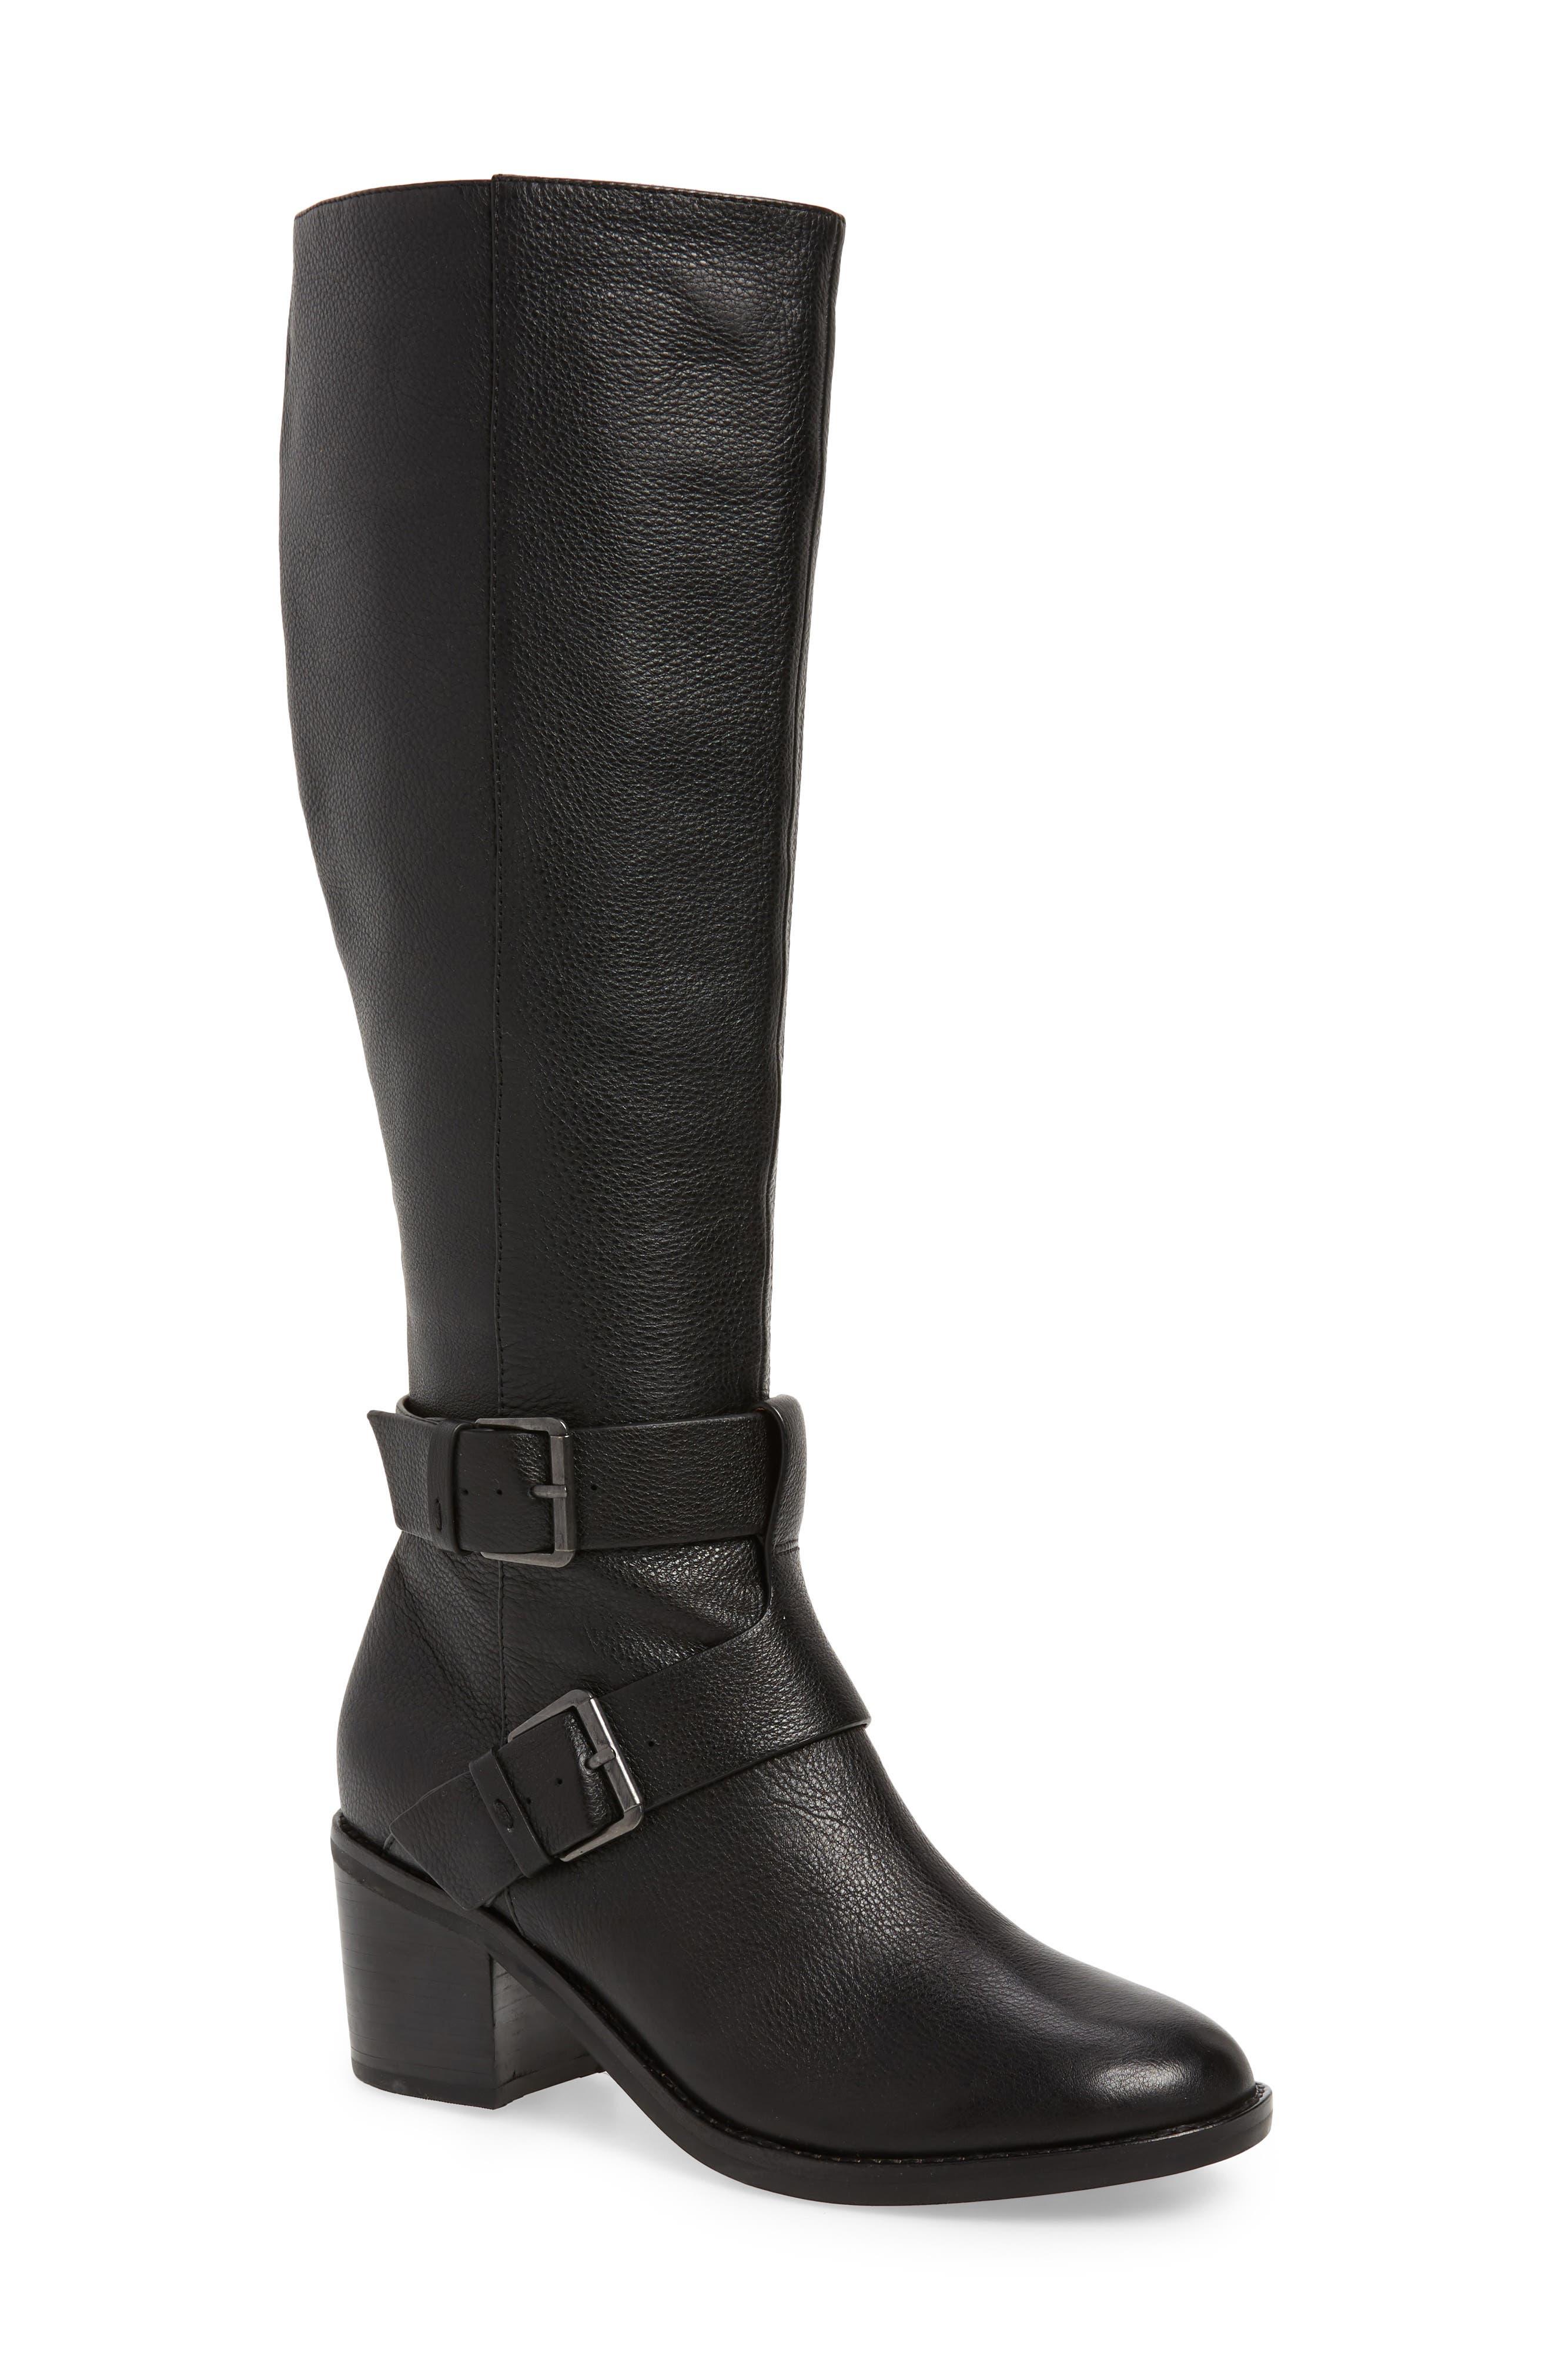 Gentle Souls Women'S Verona Block-Heel Riding Boots in Black Leather